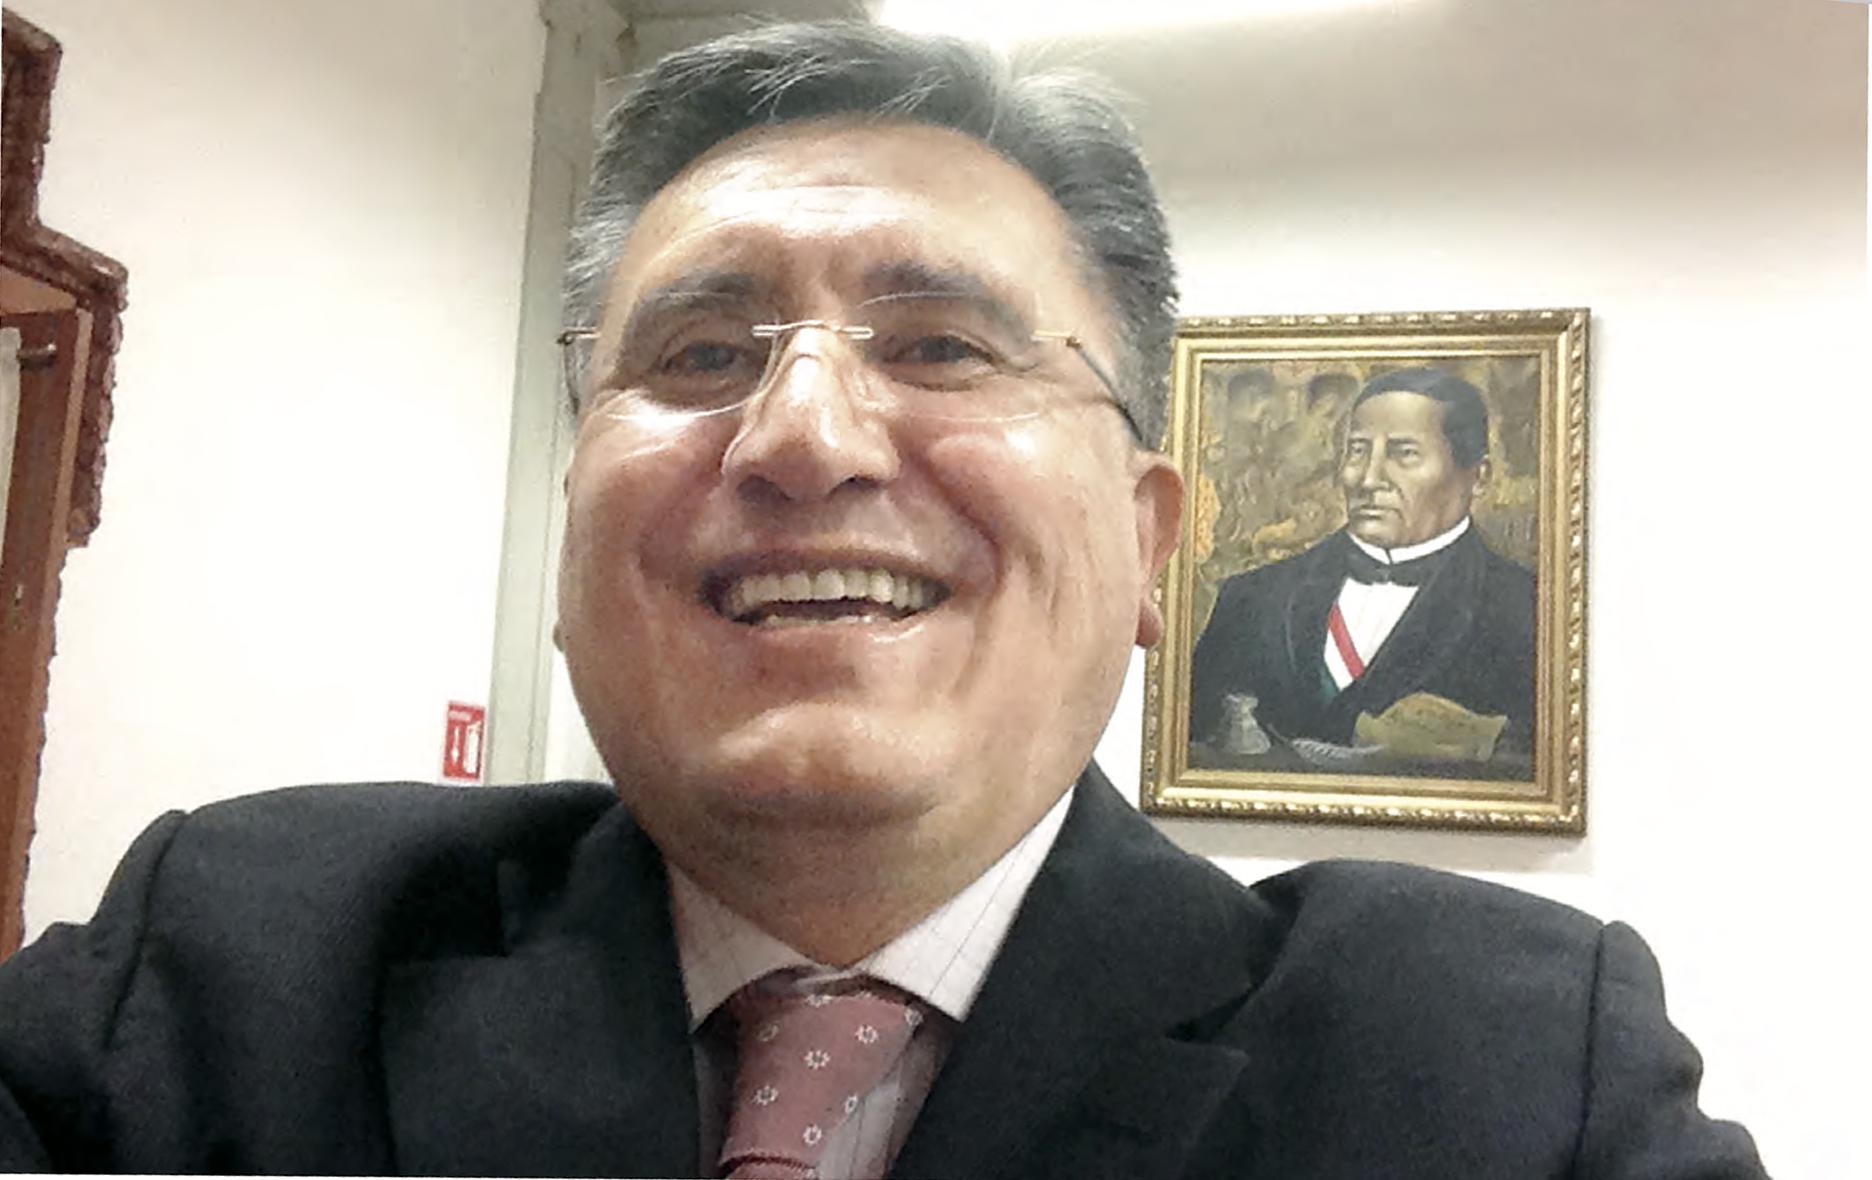 SELFIE DE: LUIS RAÚL GONZÁLEZ PÉREZ